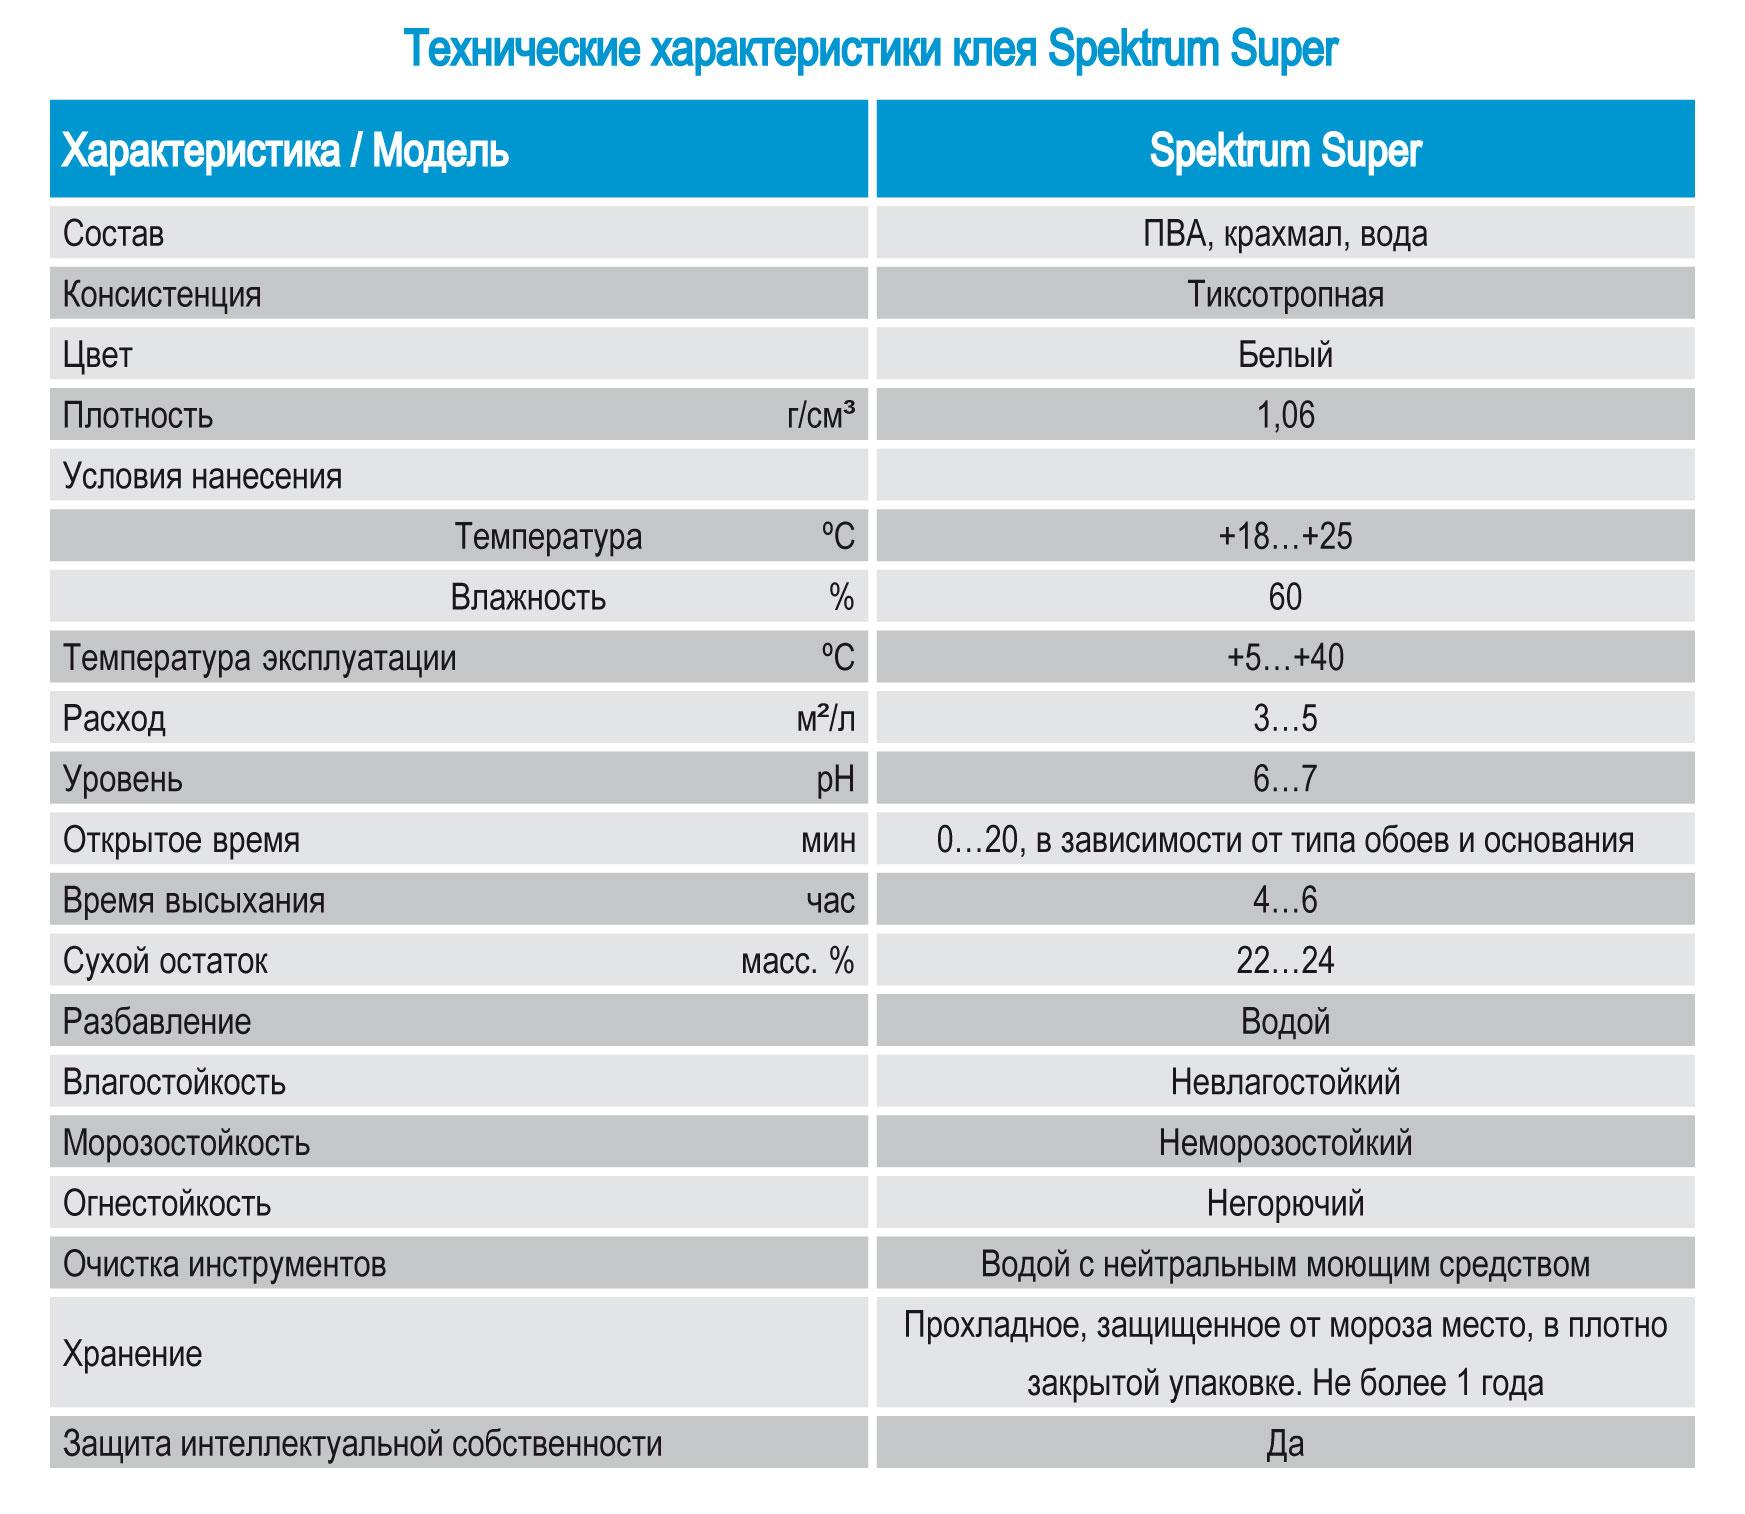 Klej dlya steklooboev, tjazhelykh oboev Spektrum Super, Tekhnicheskije kharakteristiki, parametry